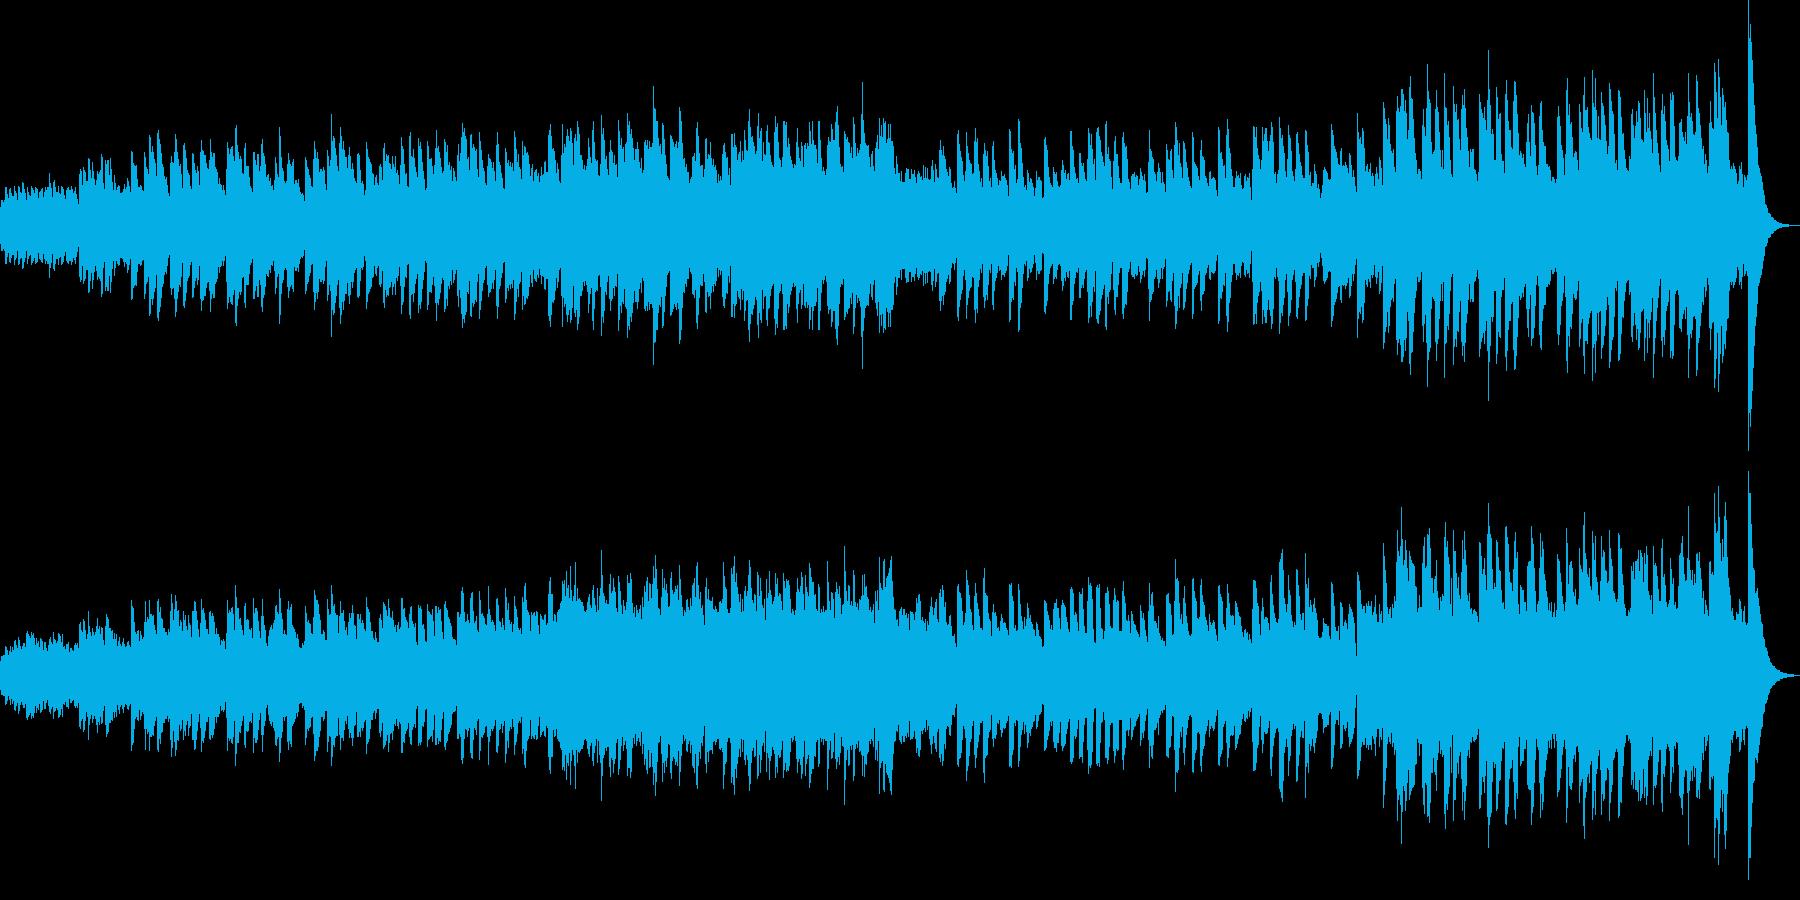 ほんわか系の明るいオルゴール曲の再生済みの波形